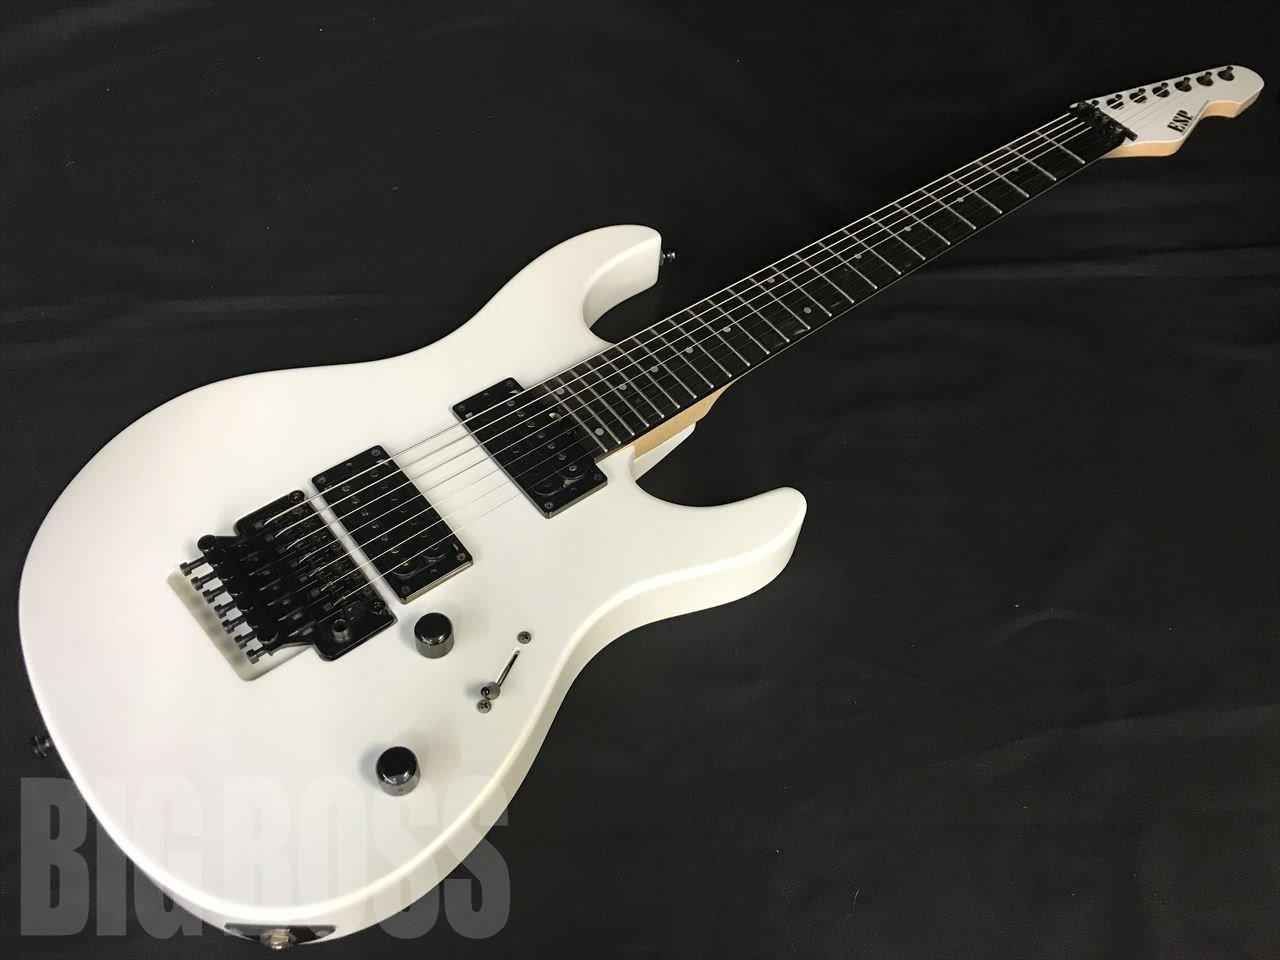 【中古・USED】ESP M-SEVEN (Pearl White Gold)【7弦ギター】